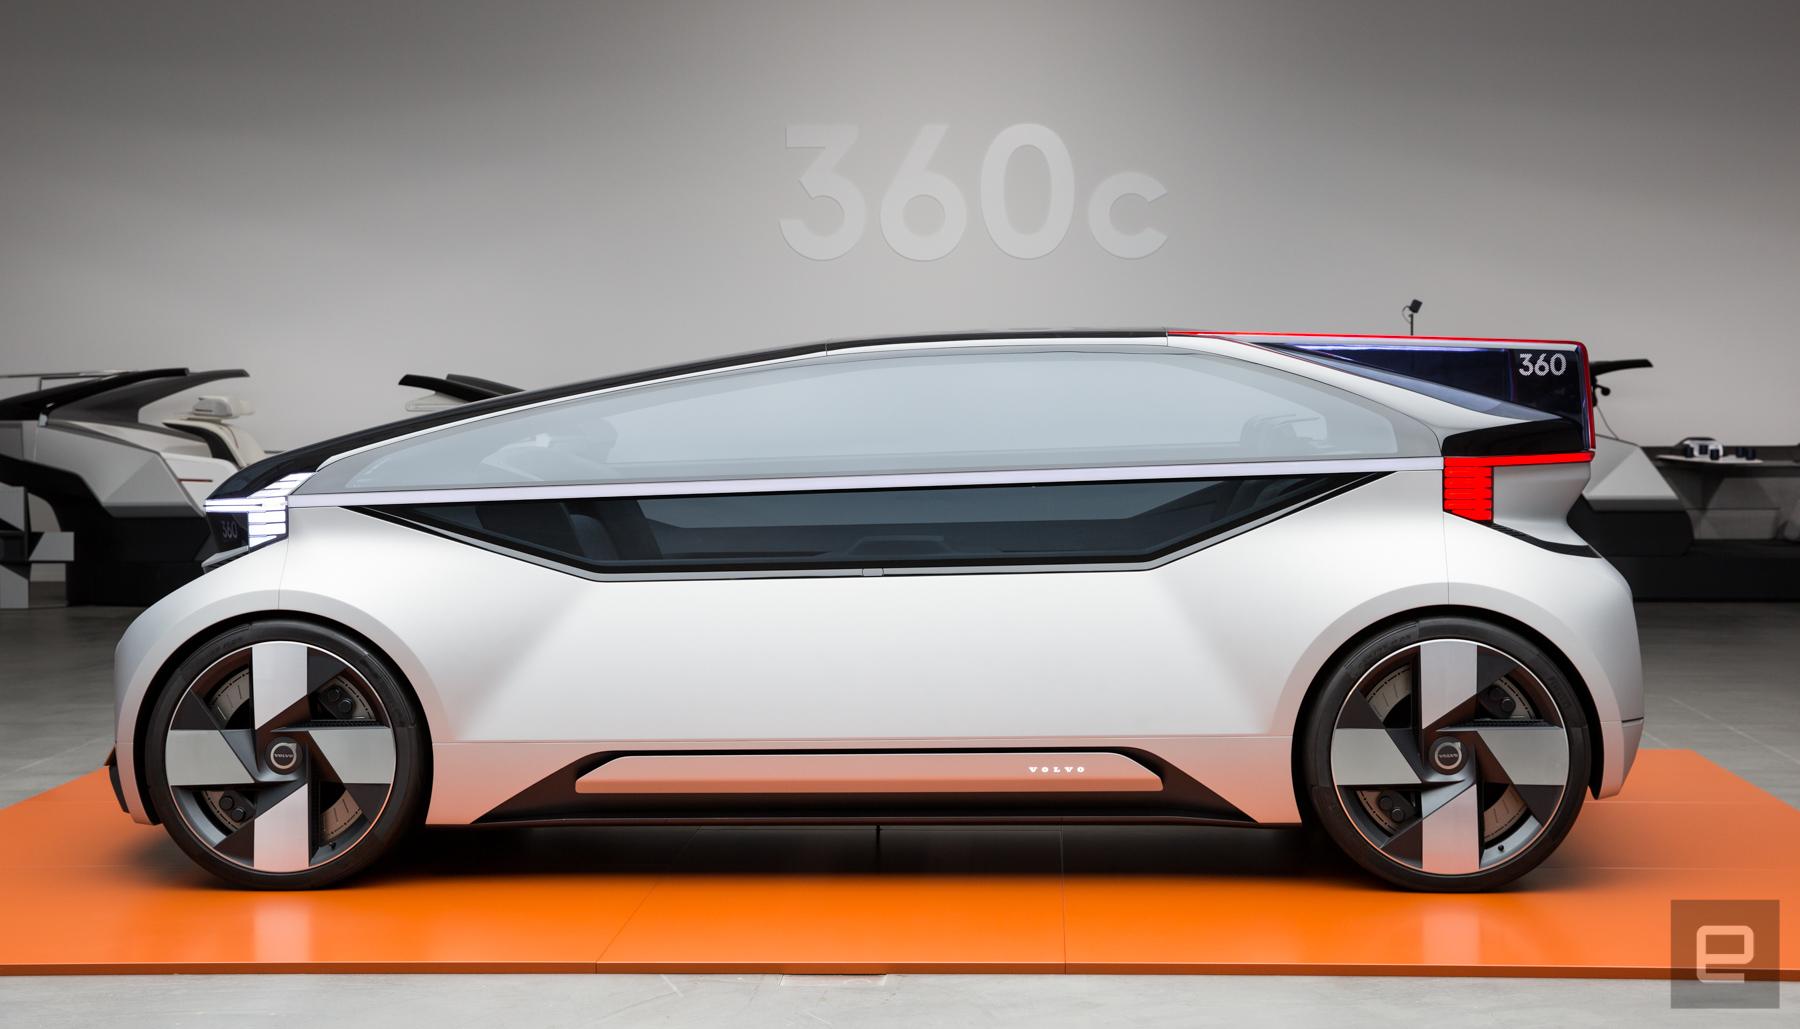 Volvo's Autonomous Concept Car Is About More Than